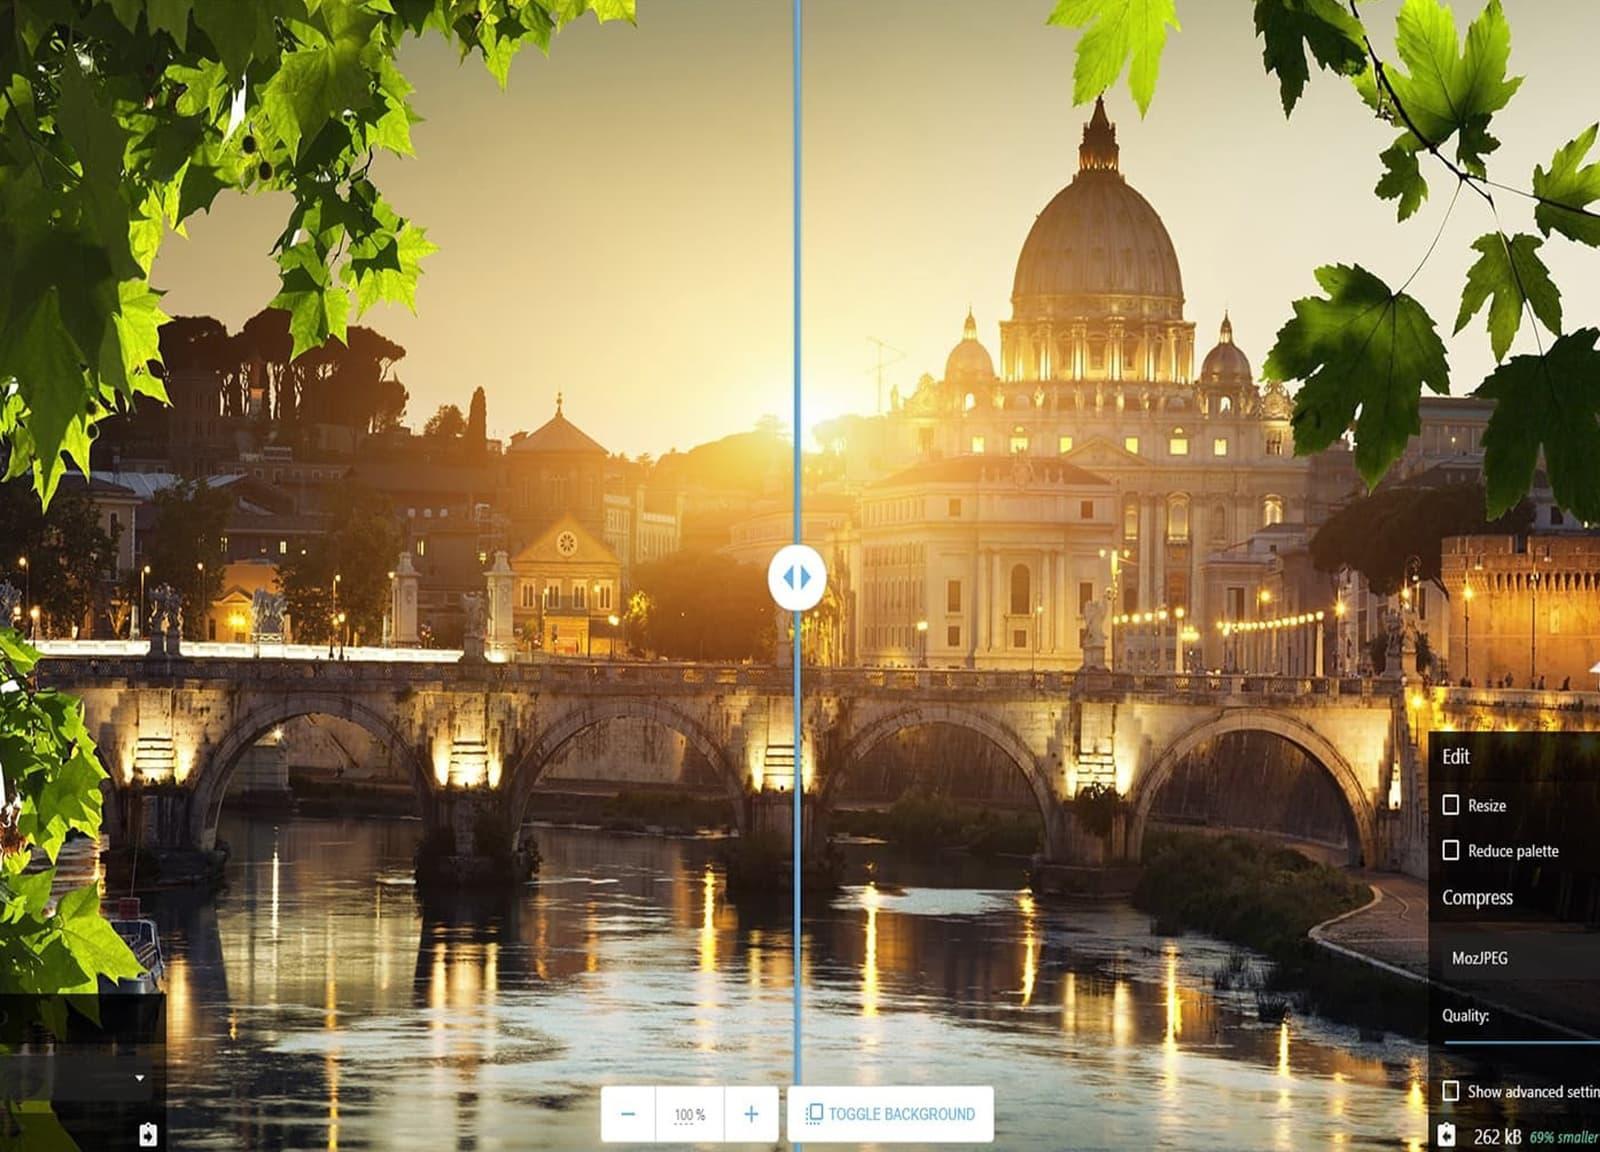 Testamos Squoosh: novo app de otimização de imagens na WEB